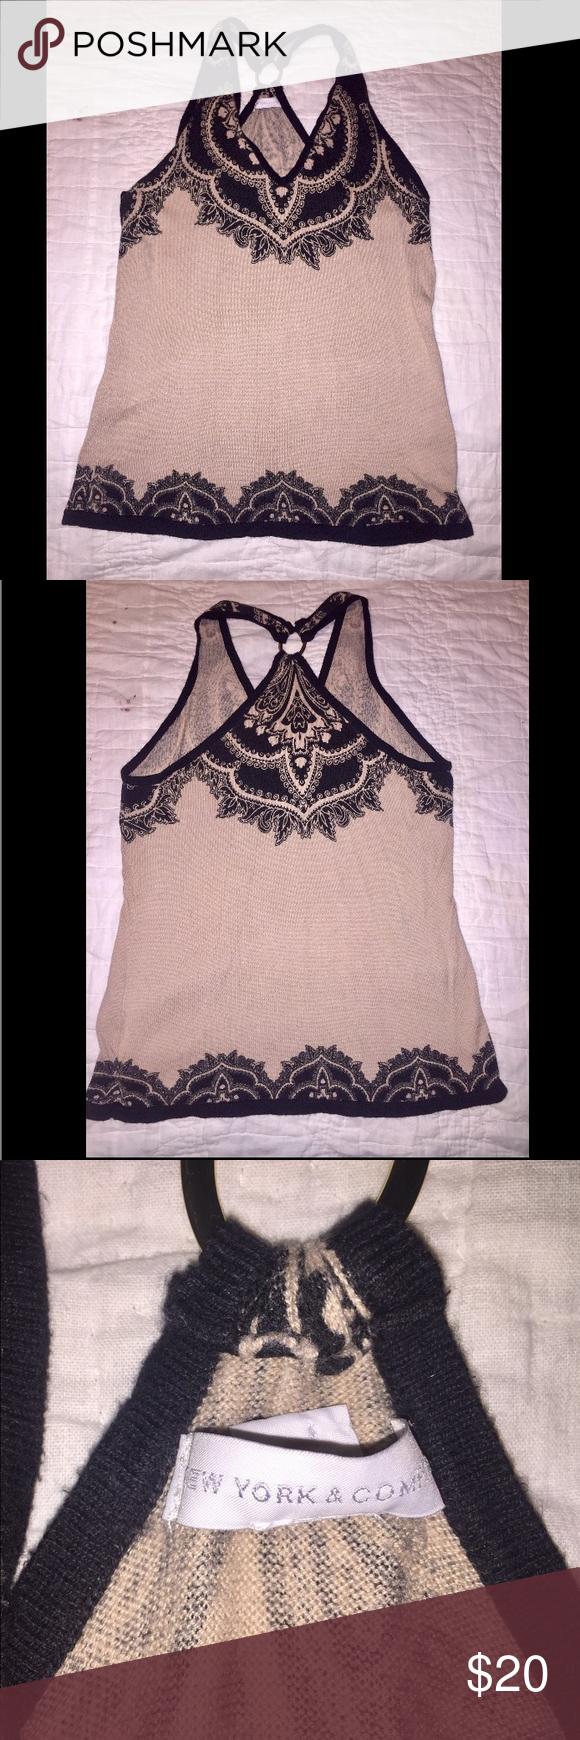 M boutique lace dress   Final ReductionNWT Bohemian Tank Top Size M Boutique  My Posh